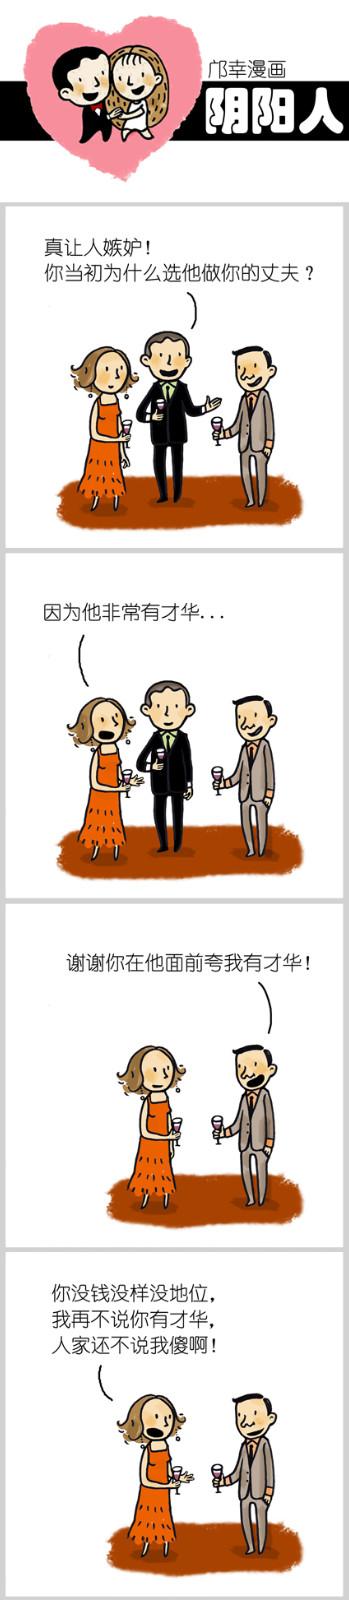 【邝幸漫畫】《阴阳人》油菜花_图1-1